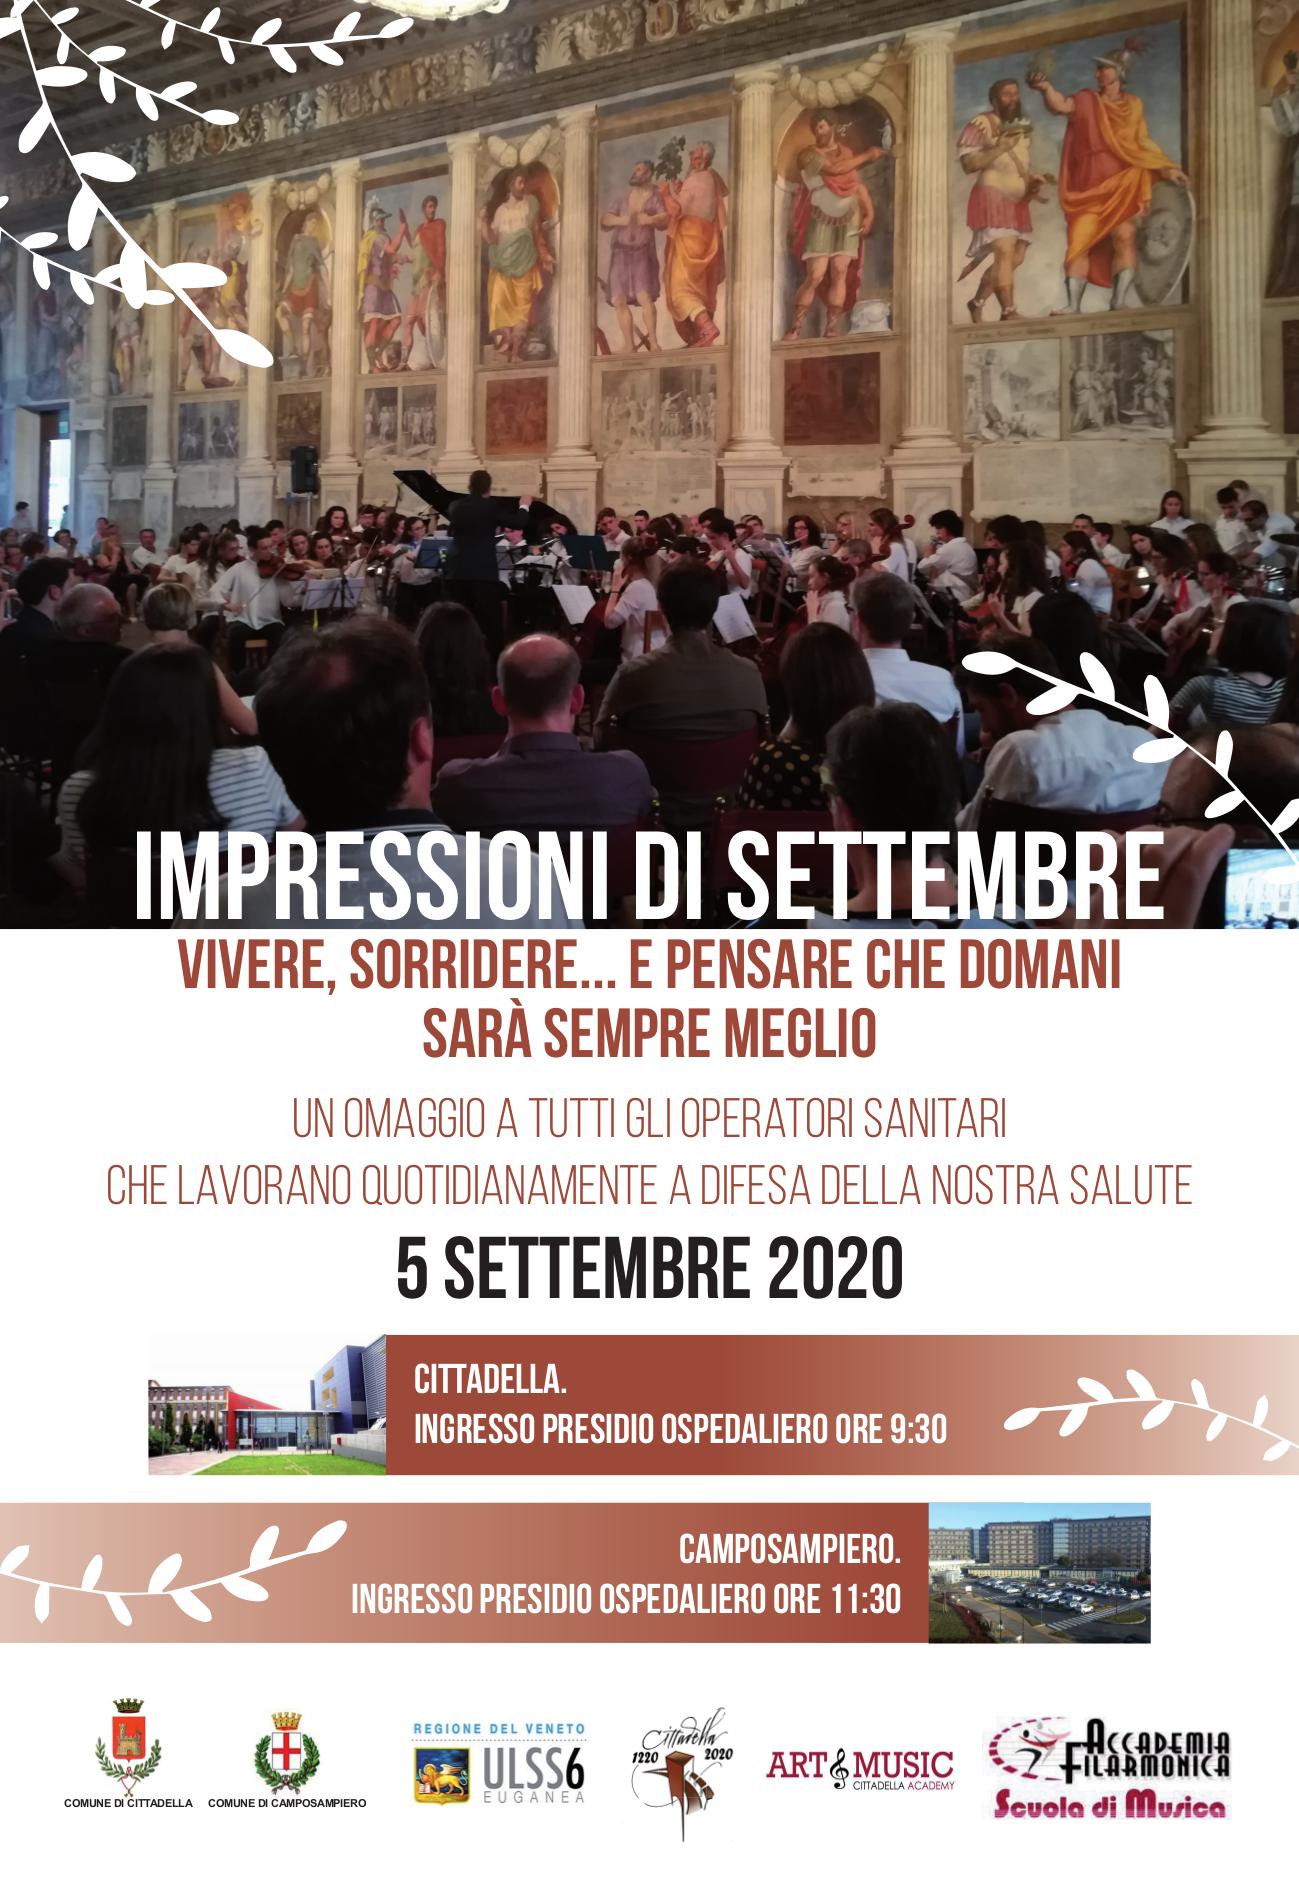 Impressioni di Settembre - Concerto in omaggio a tutti gli operatori sanitari